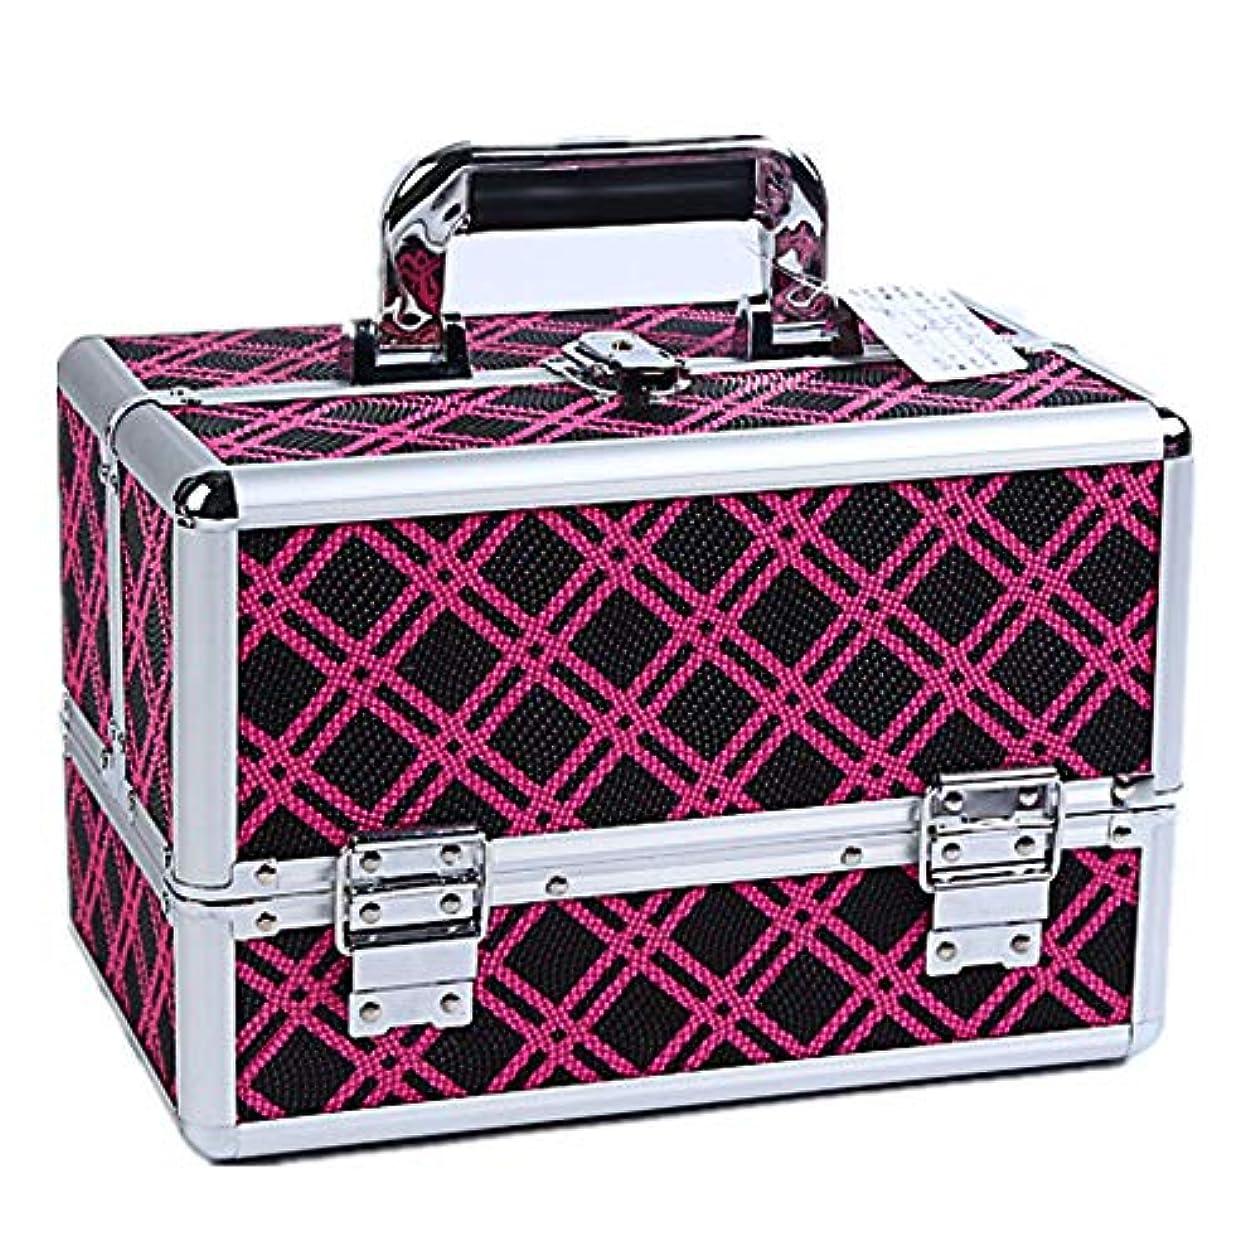 巻き戻すバレエプロトタイプ化粧オーガナイザーバッグ 美容メイクアップと女の子の女性のための大容量ポータブル化粧ケースケースと拡張トレイ付きロック付き日々のストレージ 化粧品ケース